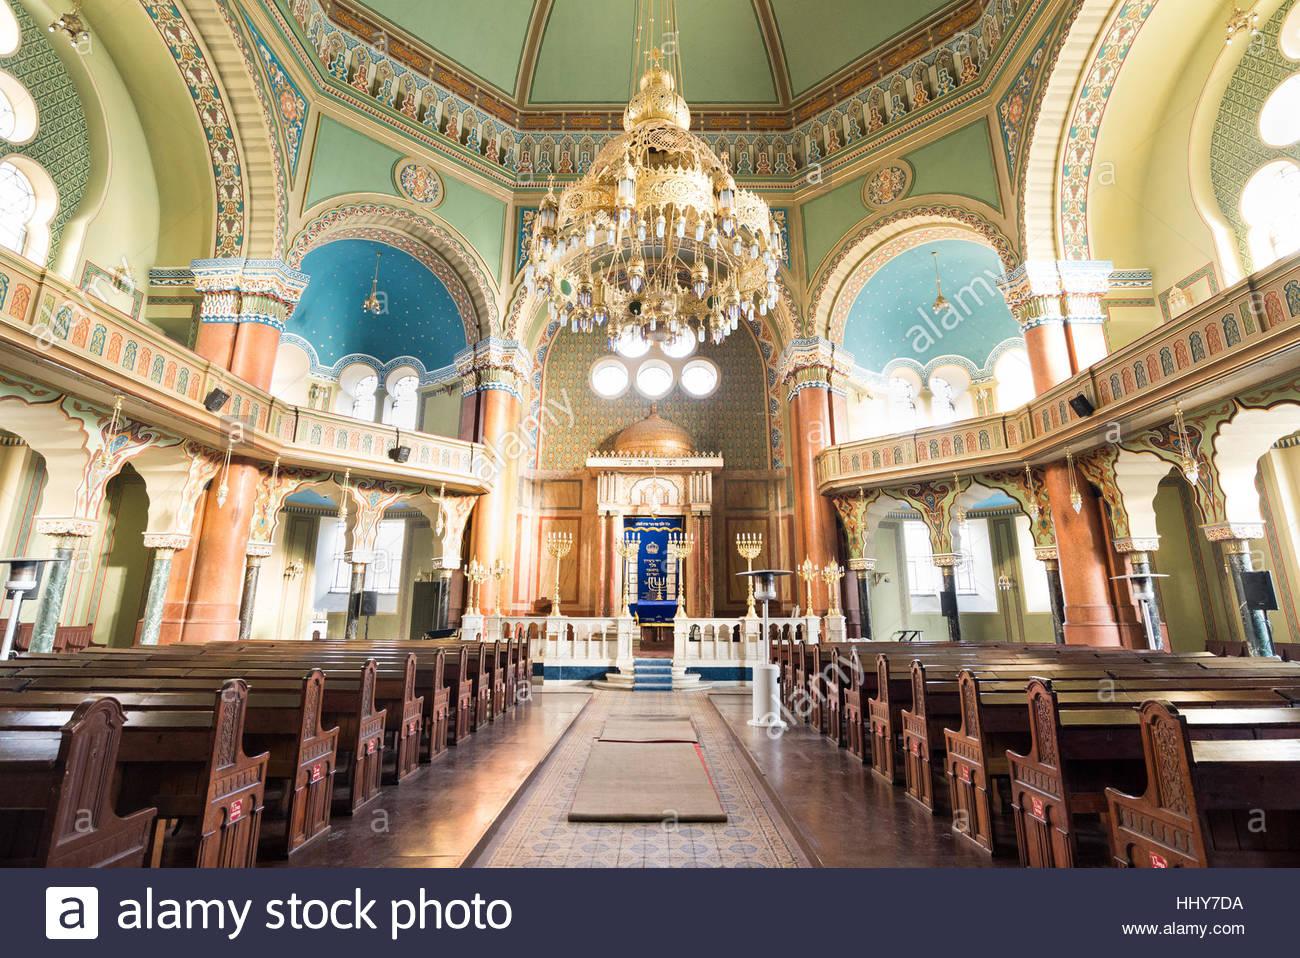 Interior of Sofia Synagogue, Bulgaria Stock Photo